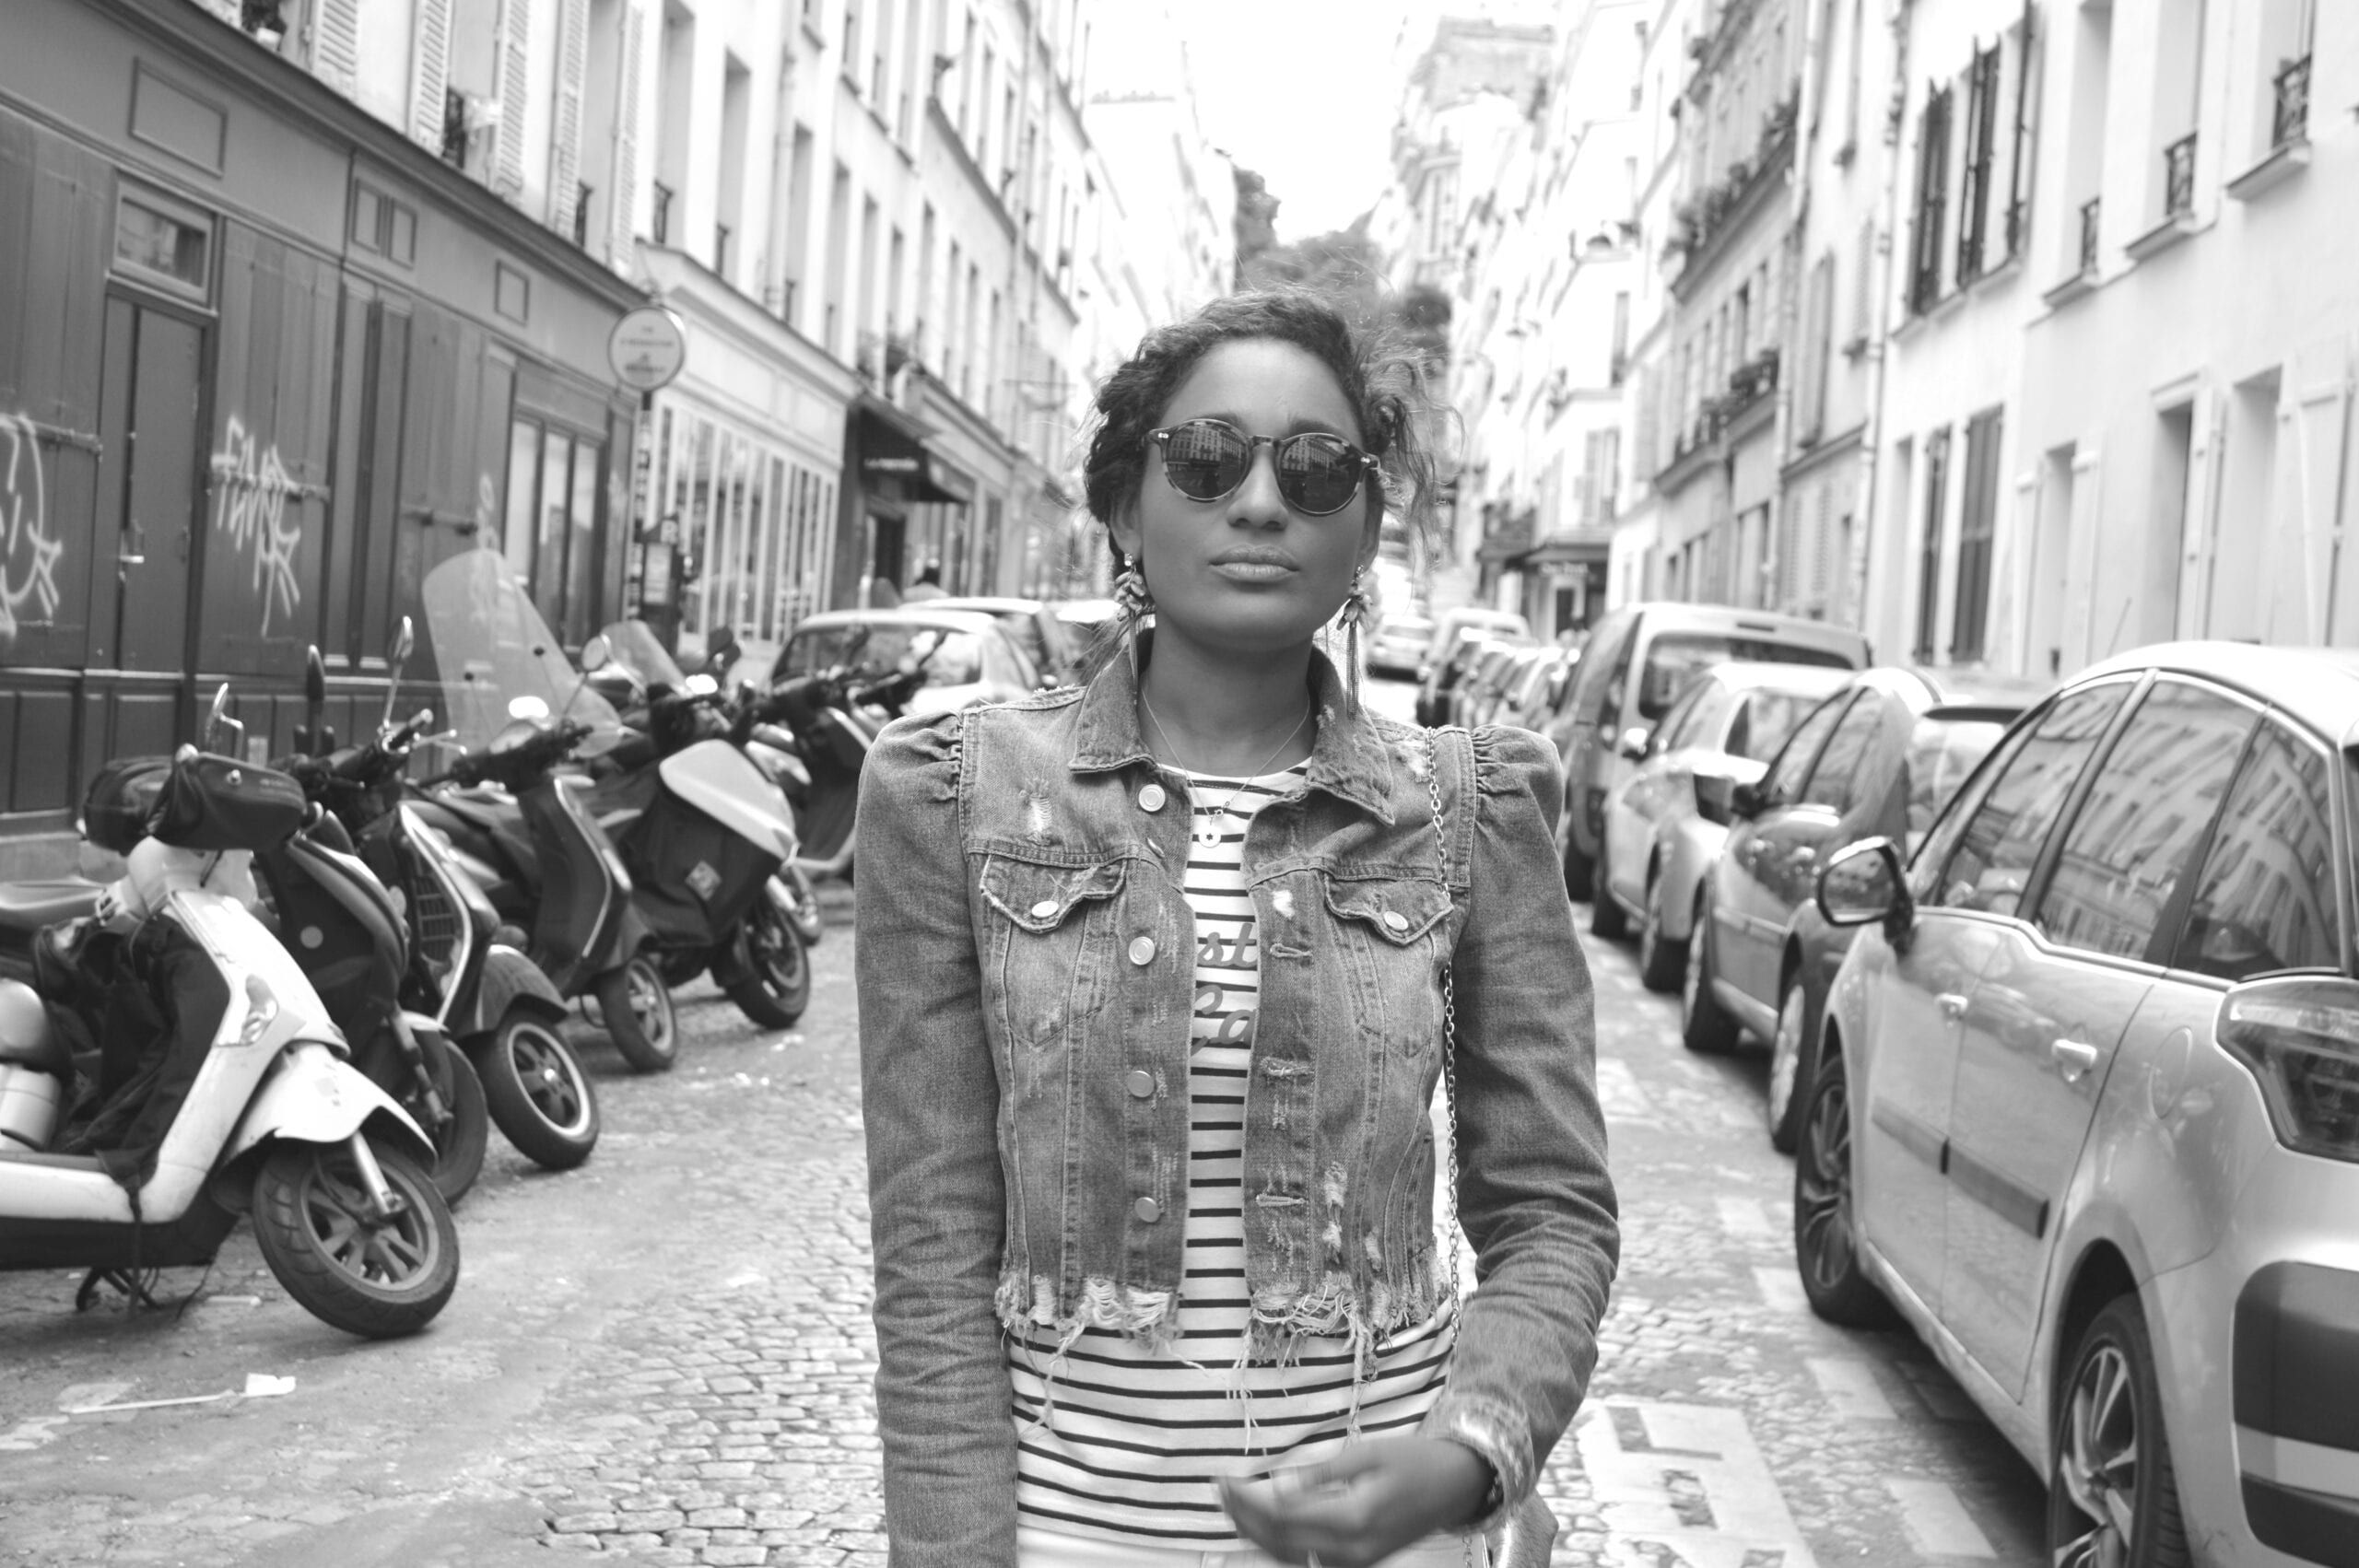 Ingrid posing on a street